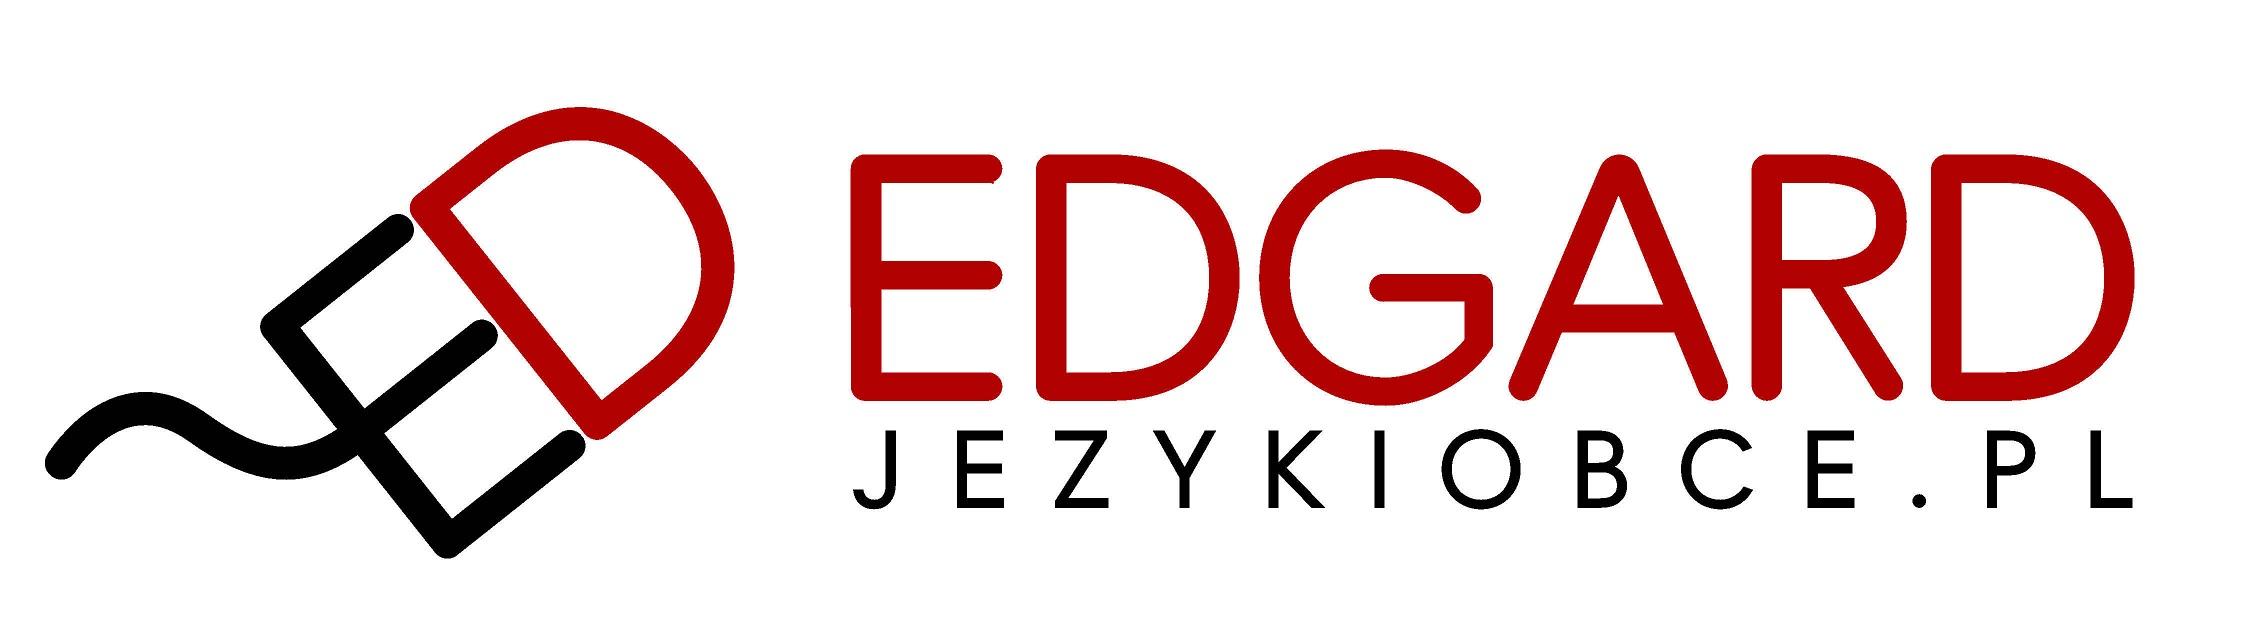 https://www.jezykiobce.pl/